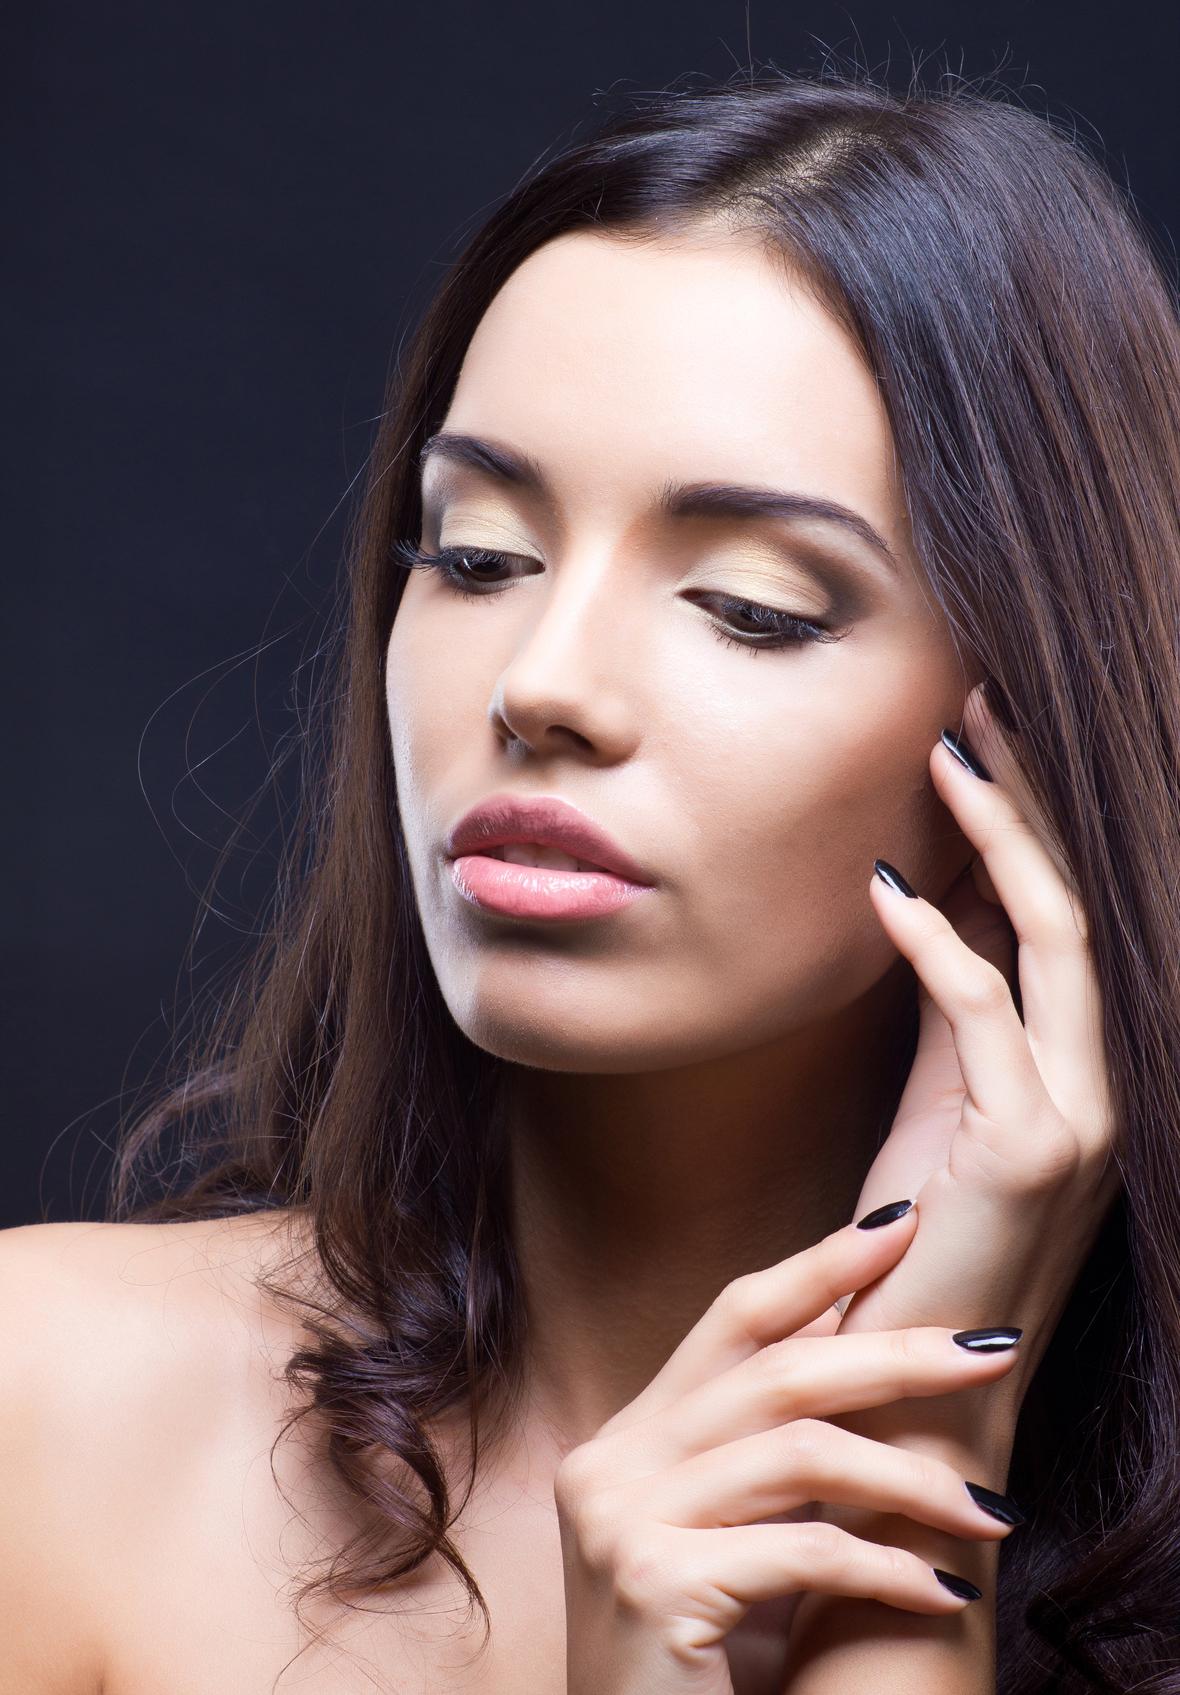 Игра света и тени в макияже поможет сделать взгляд более выразительным